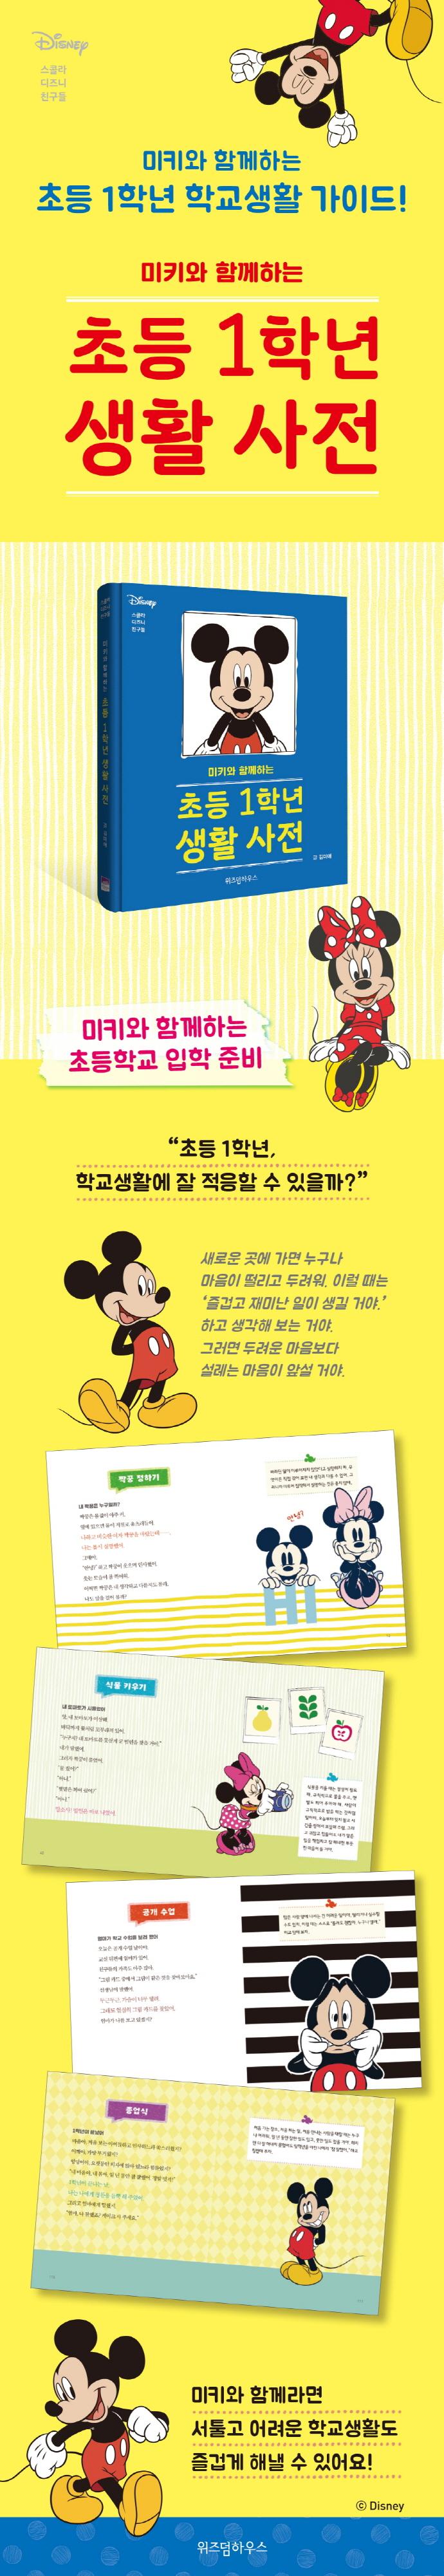 초등 1학년 생활 사전(미키와 함께하는)(스콜라 디즈니 친구들)(양장본 HardCover) 도서 상세이미지